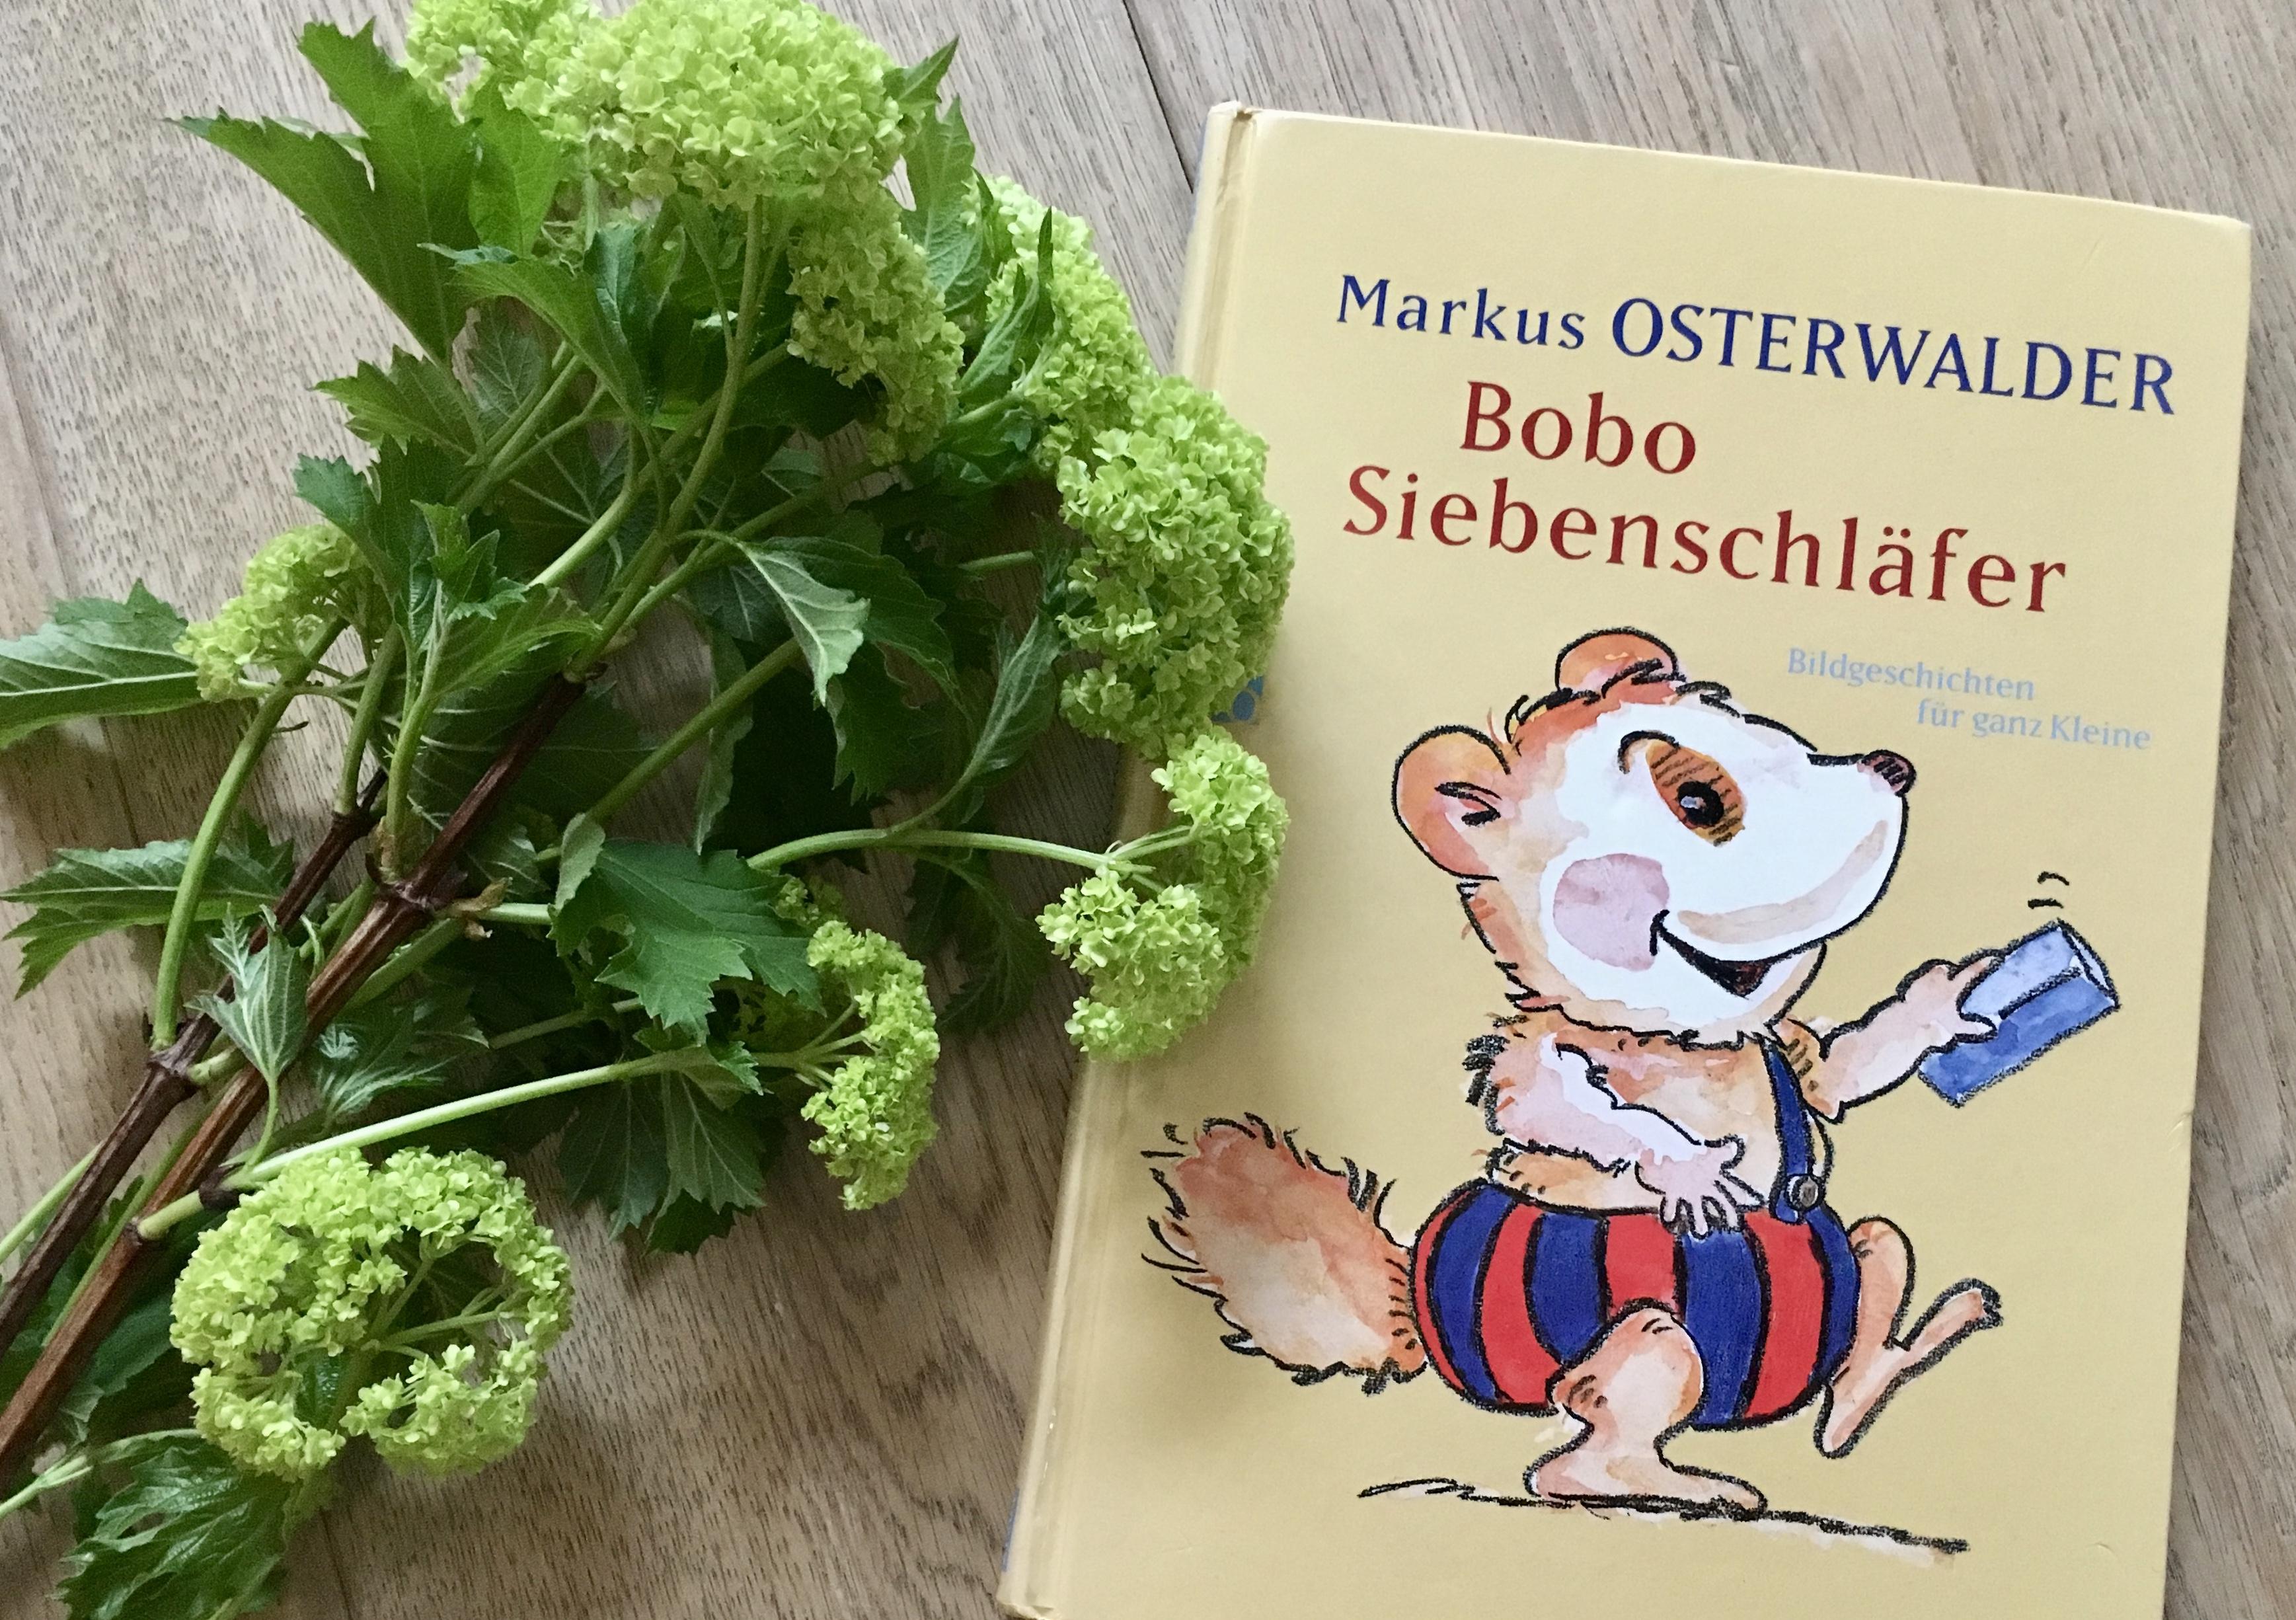 Bobo Siebenschläfer von Markus Osterwalder